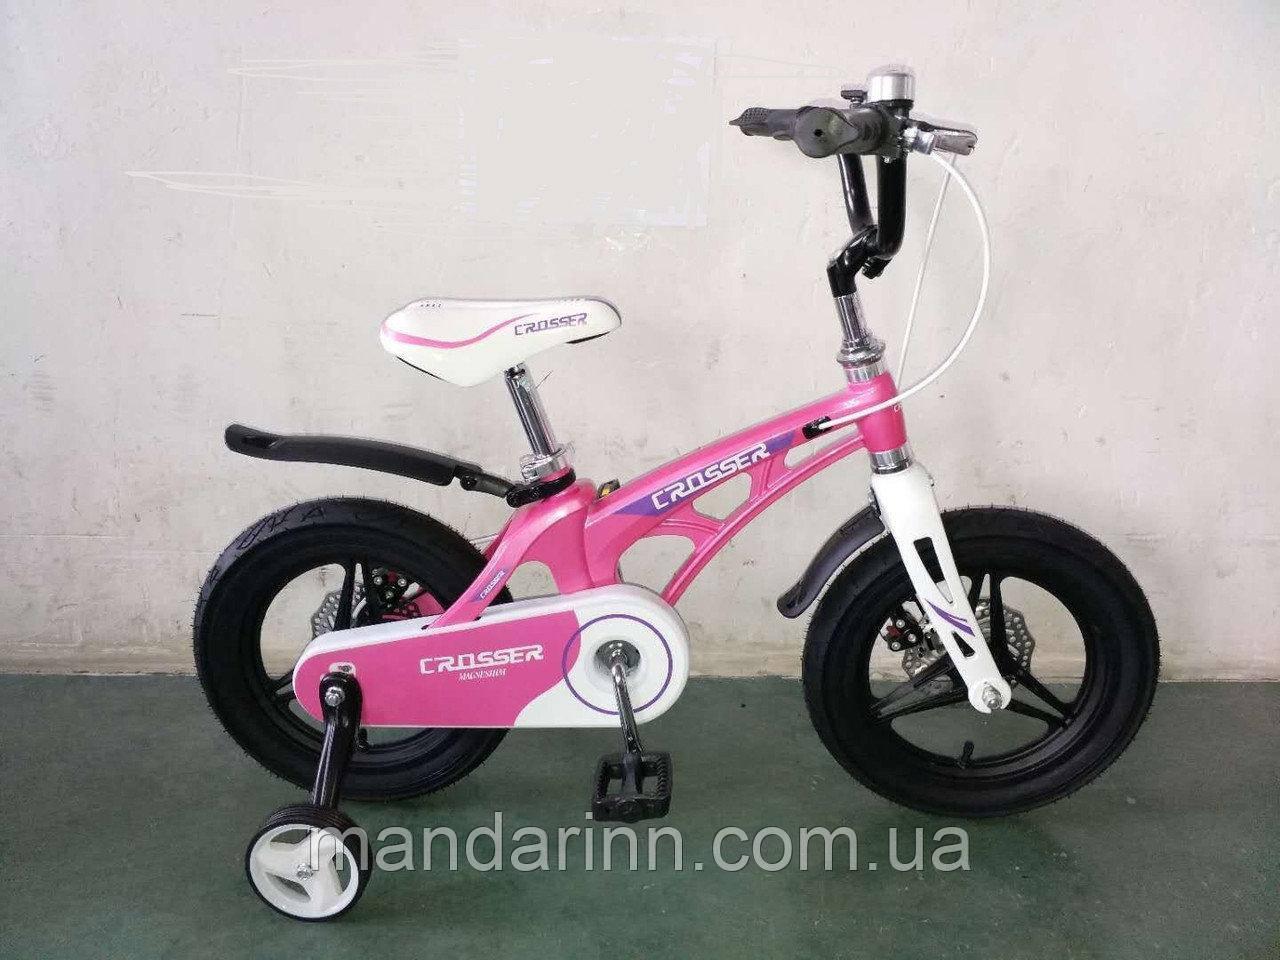 """Детский Велосипед """"Crosser-16"""" Розовый. Суперлегкий. Магнезиум сплав."""